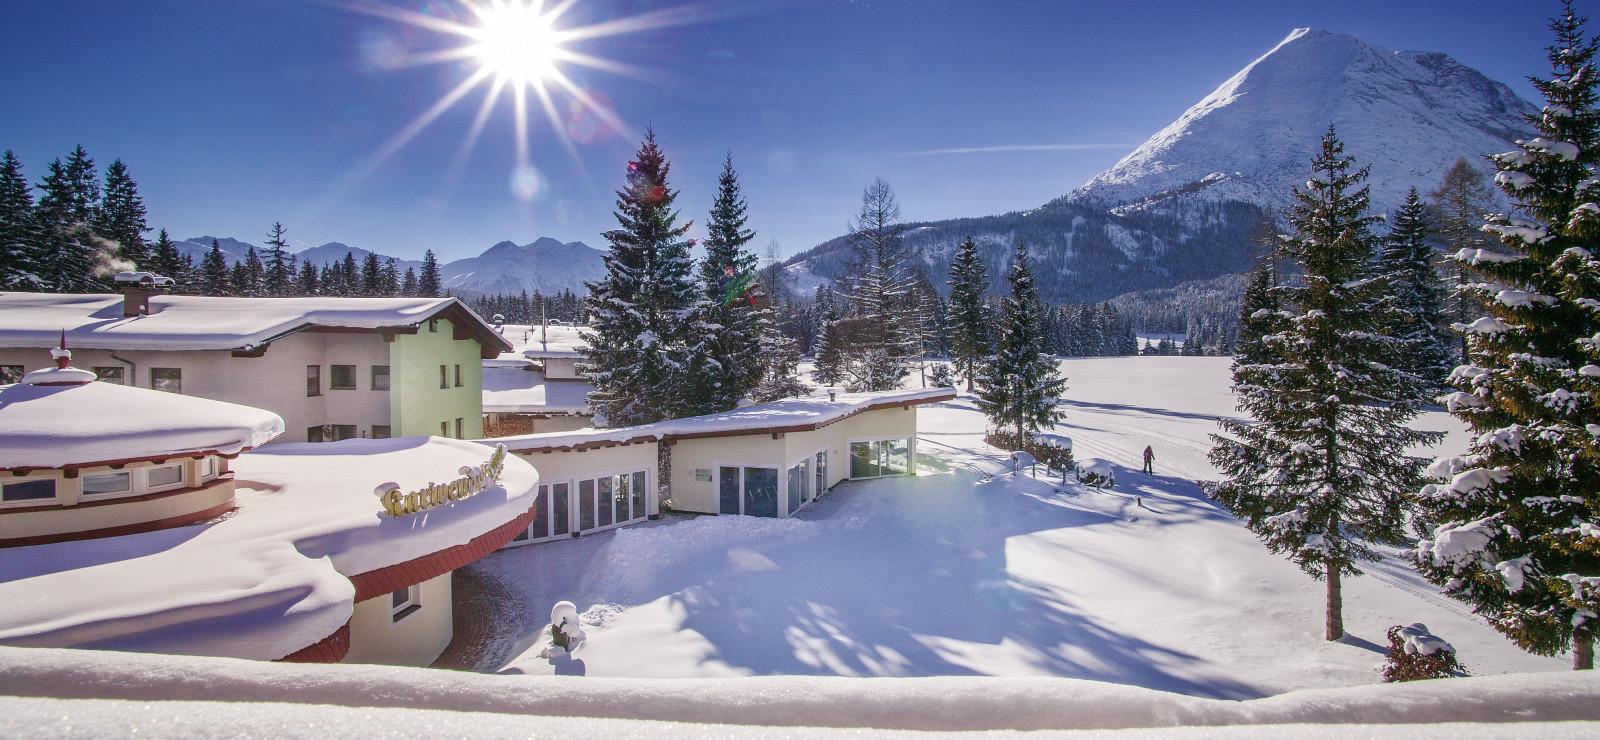 Alpenhotel Karwendel Bilder | Bild 1